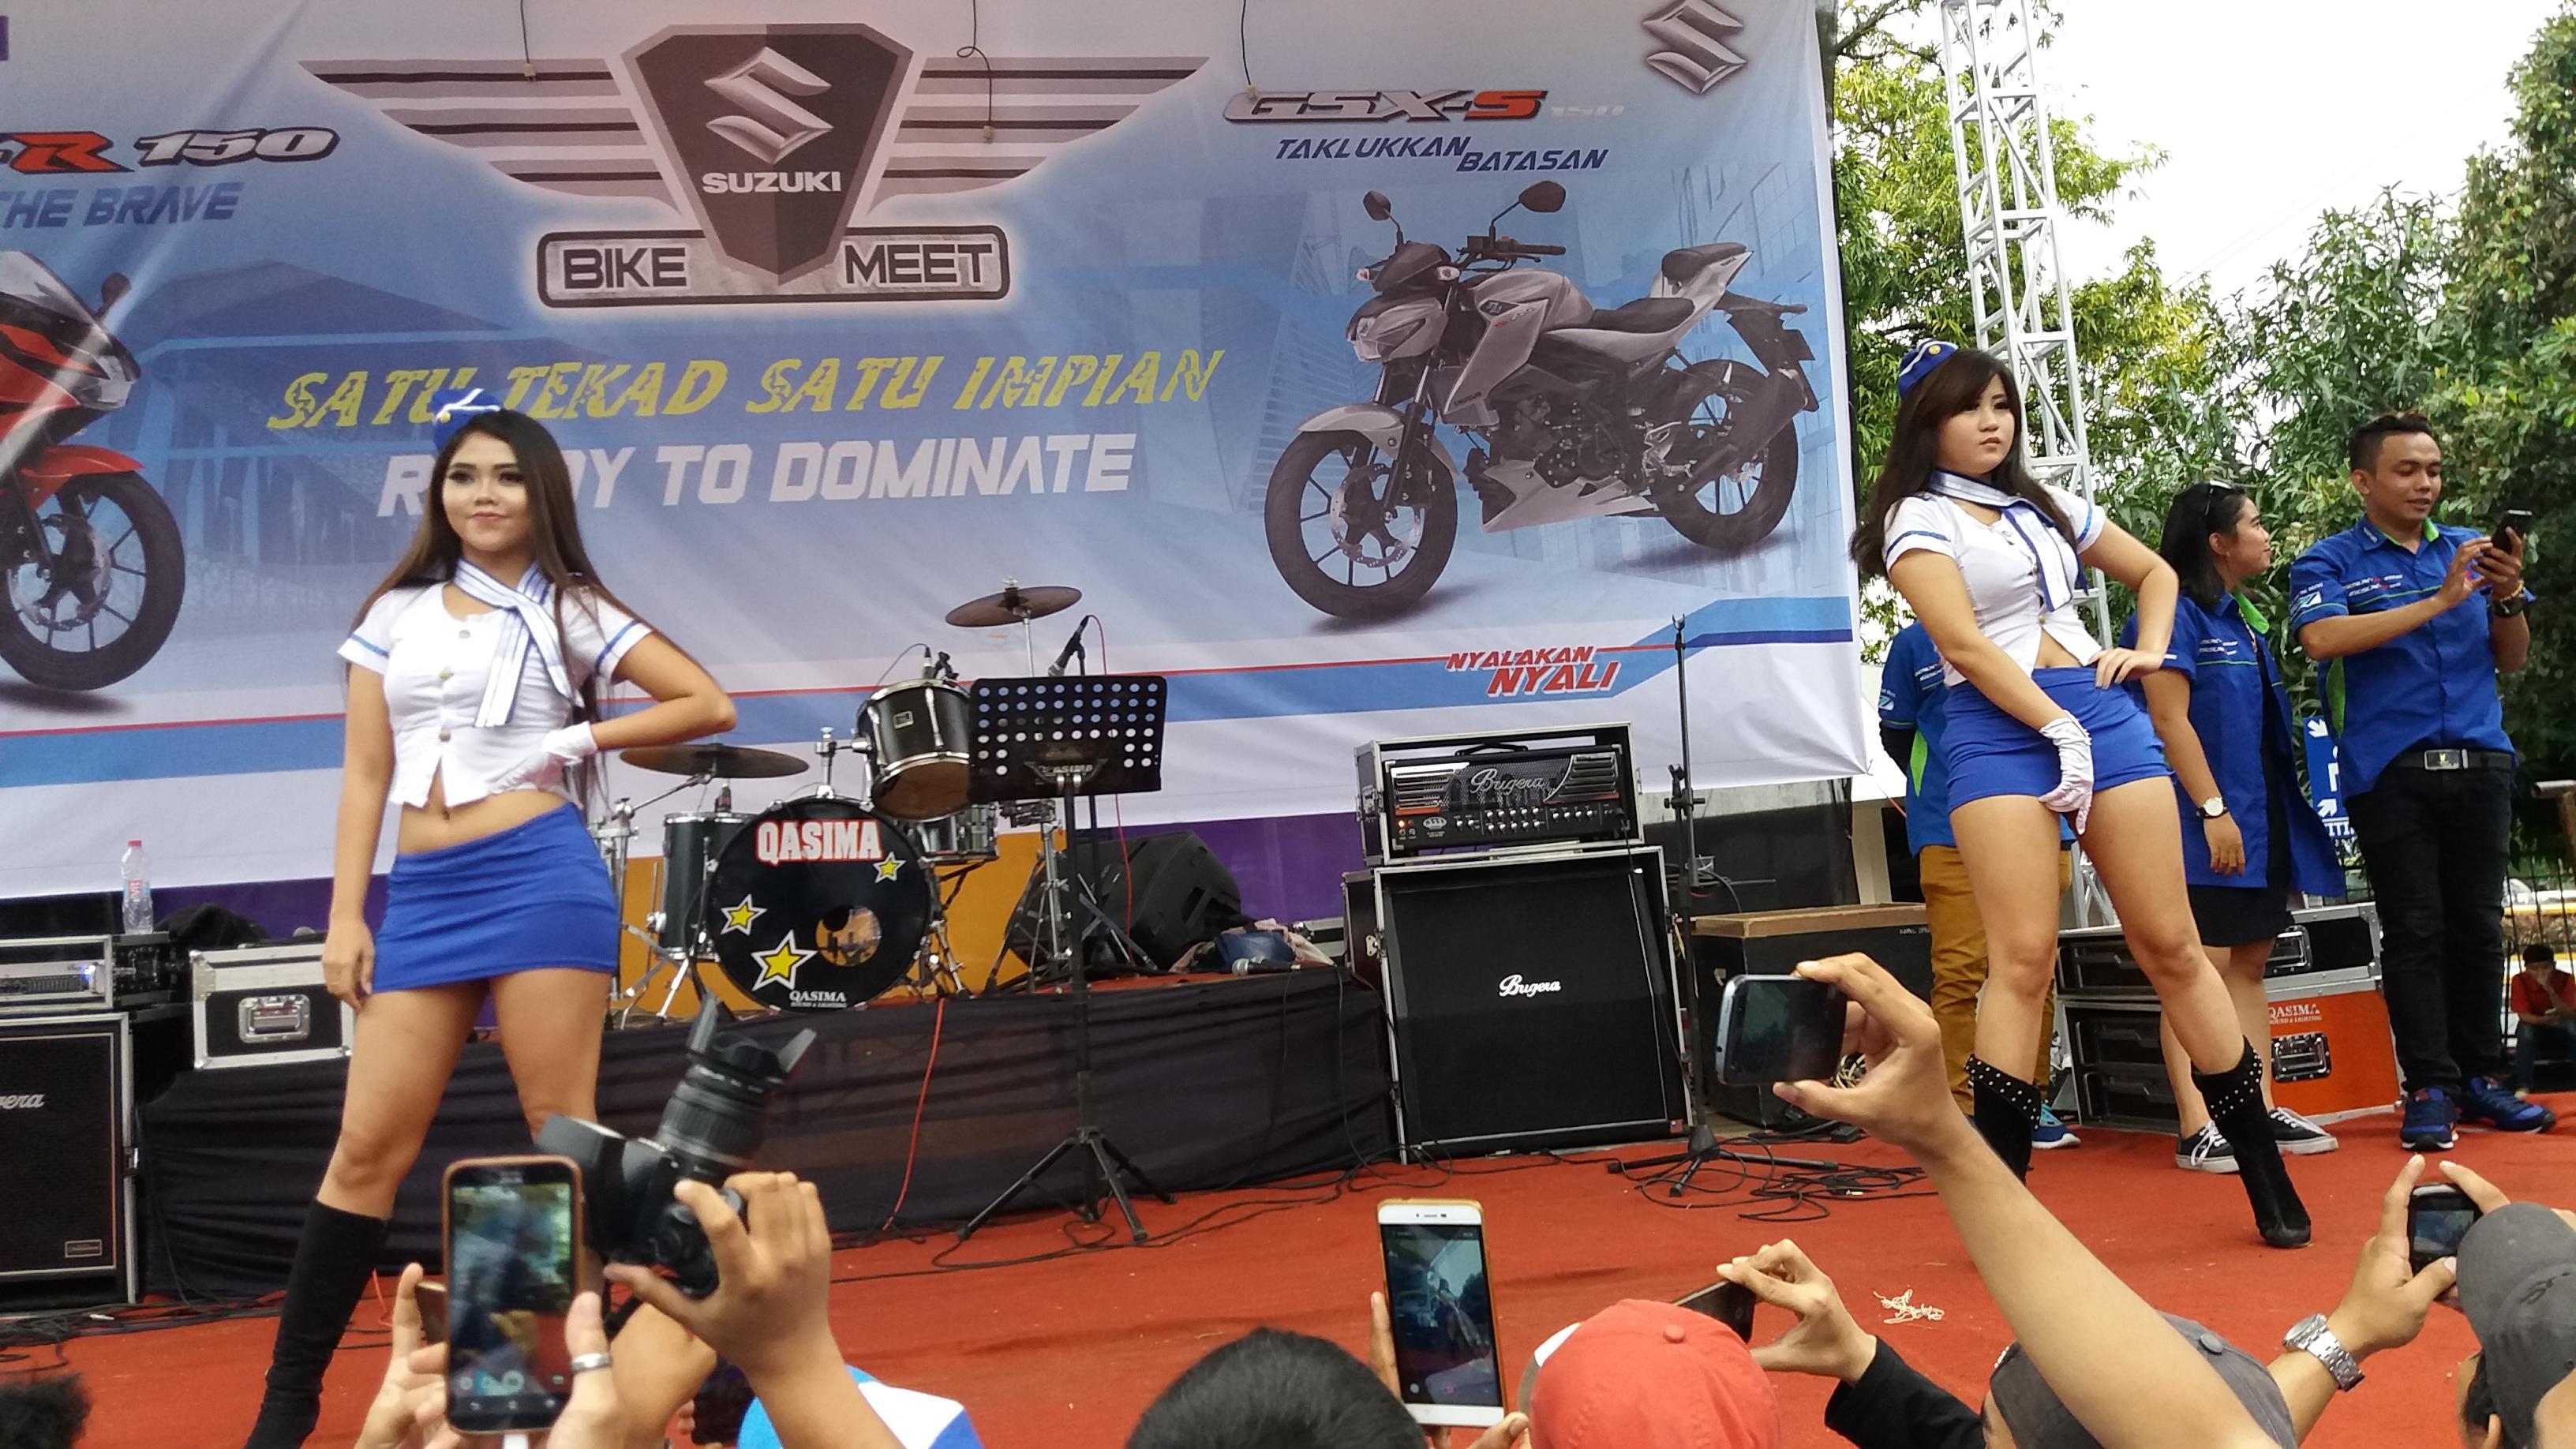 Suzuki Bike Meet Semarang 2017 Satu Tekad Satu Impian